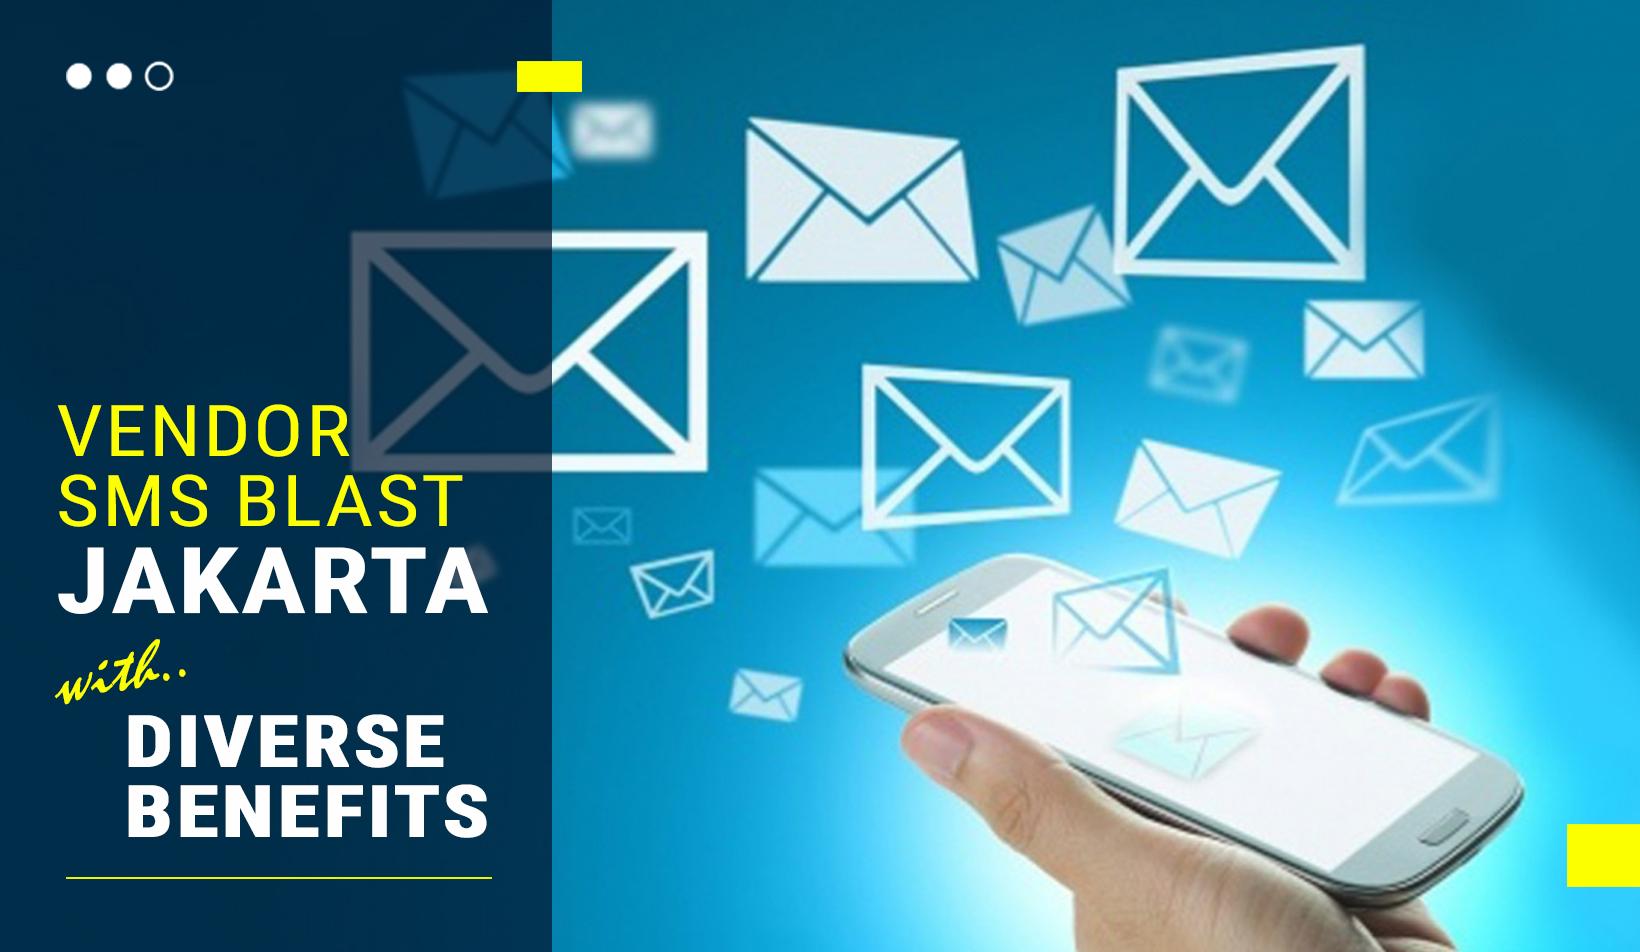 Vendor SMS Blast Jakarta